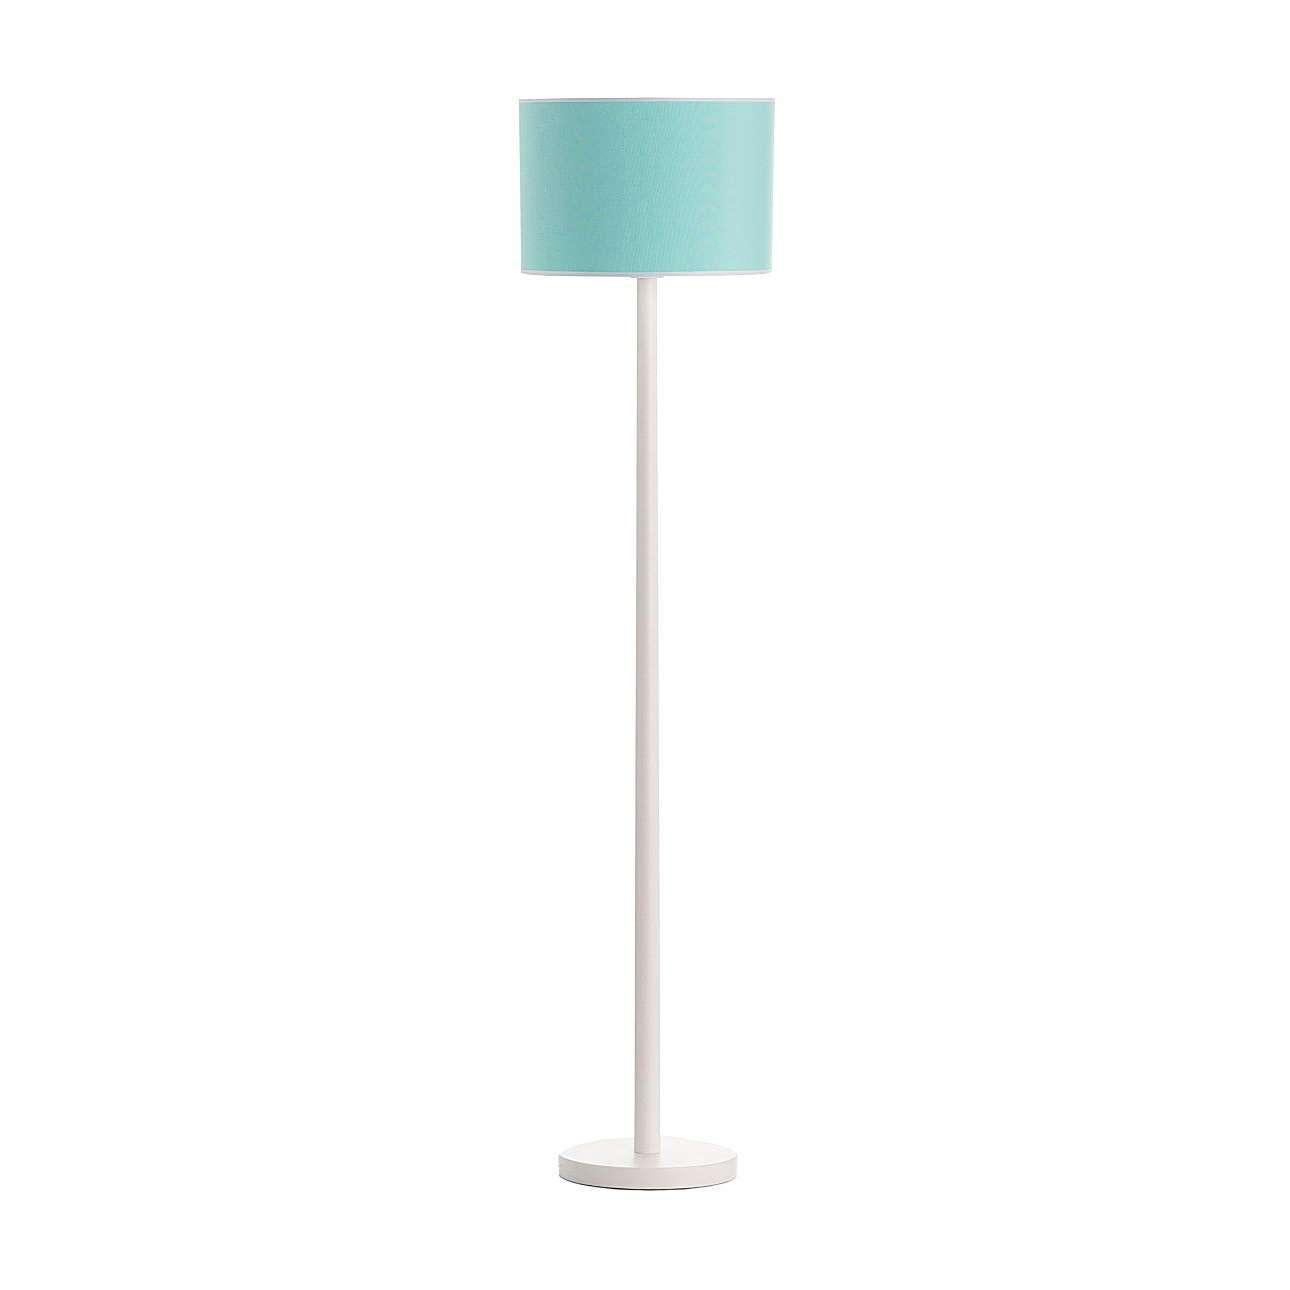 Lampa podłogowa Mint Happiness